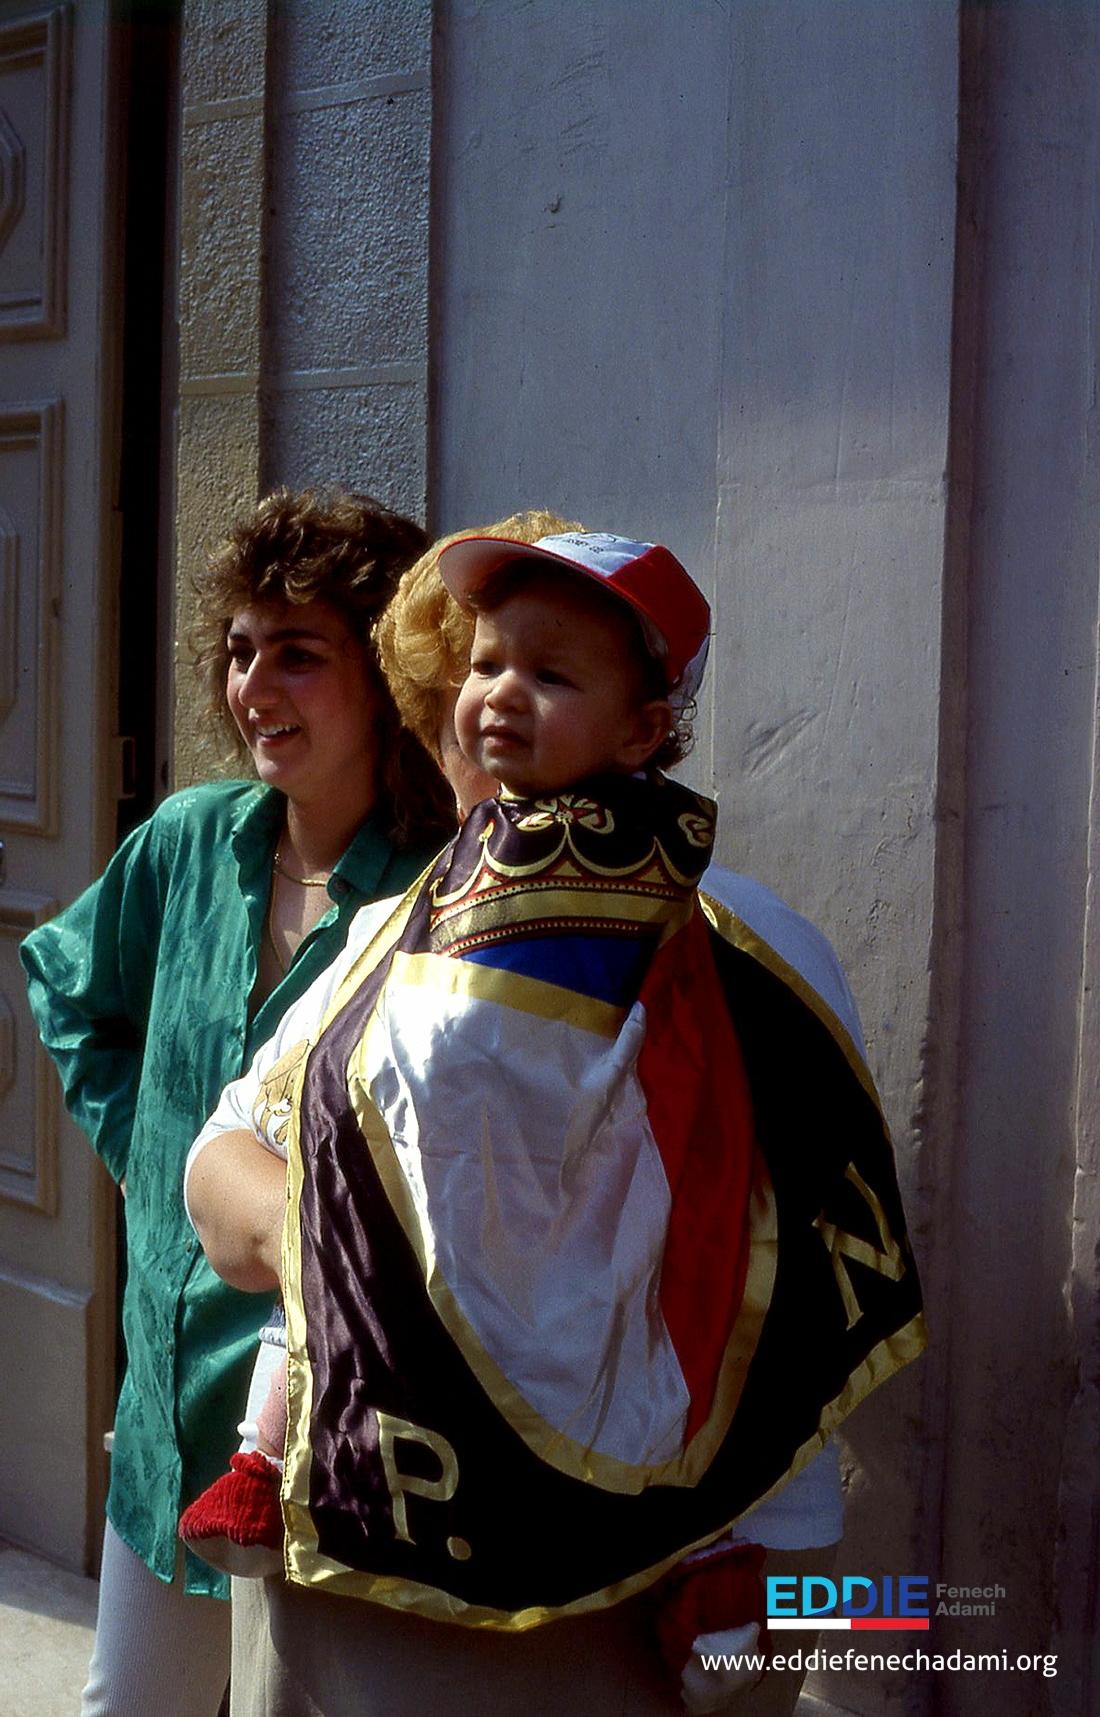 www.eddiefenechadami.org0169